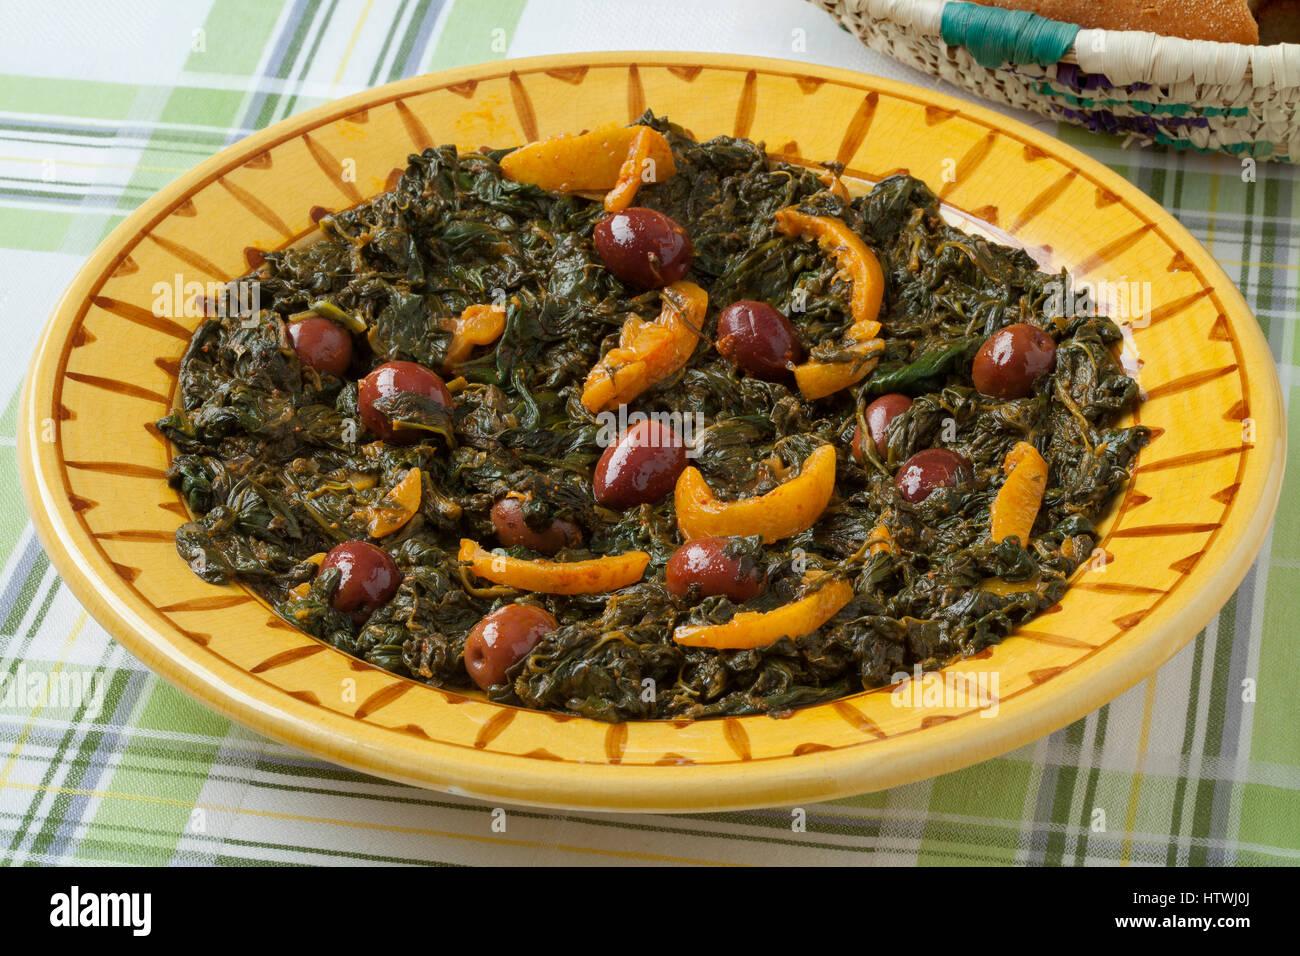 Traditionelle marokkanische Küche mit Spinat, Oliven und eingelegte Zitrone Stockbild